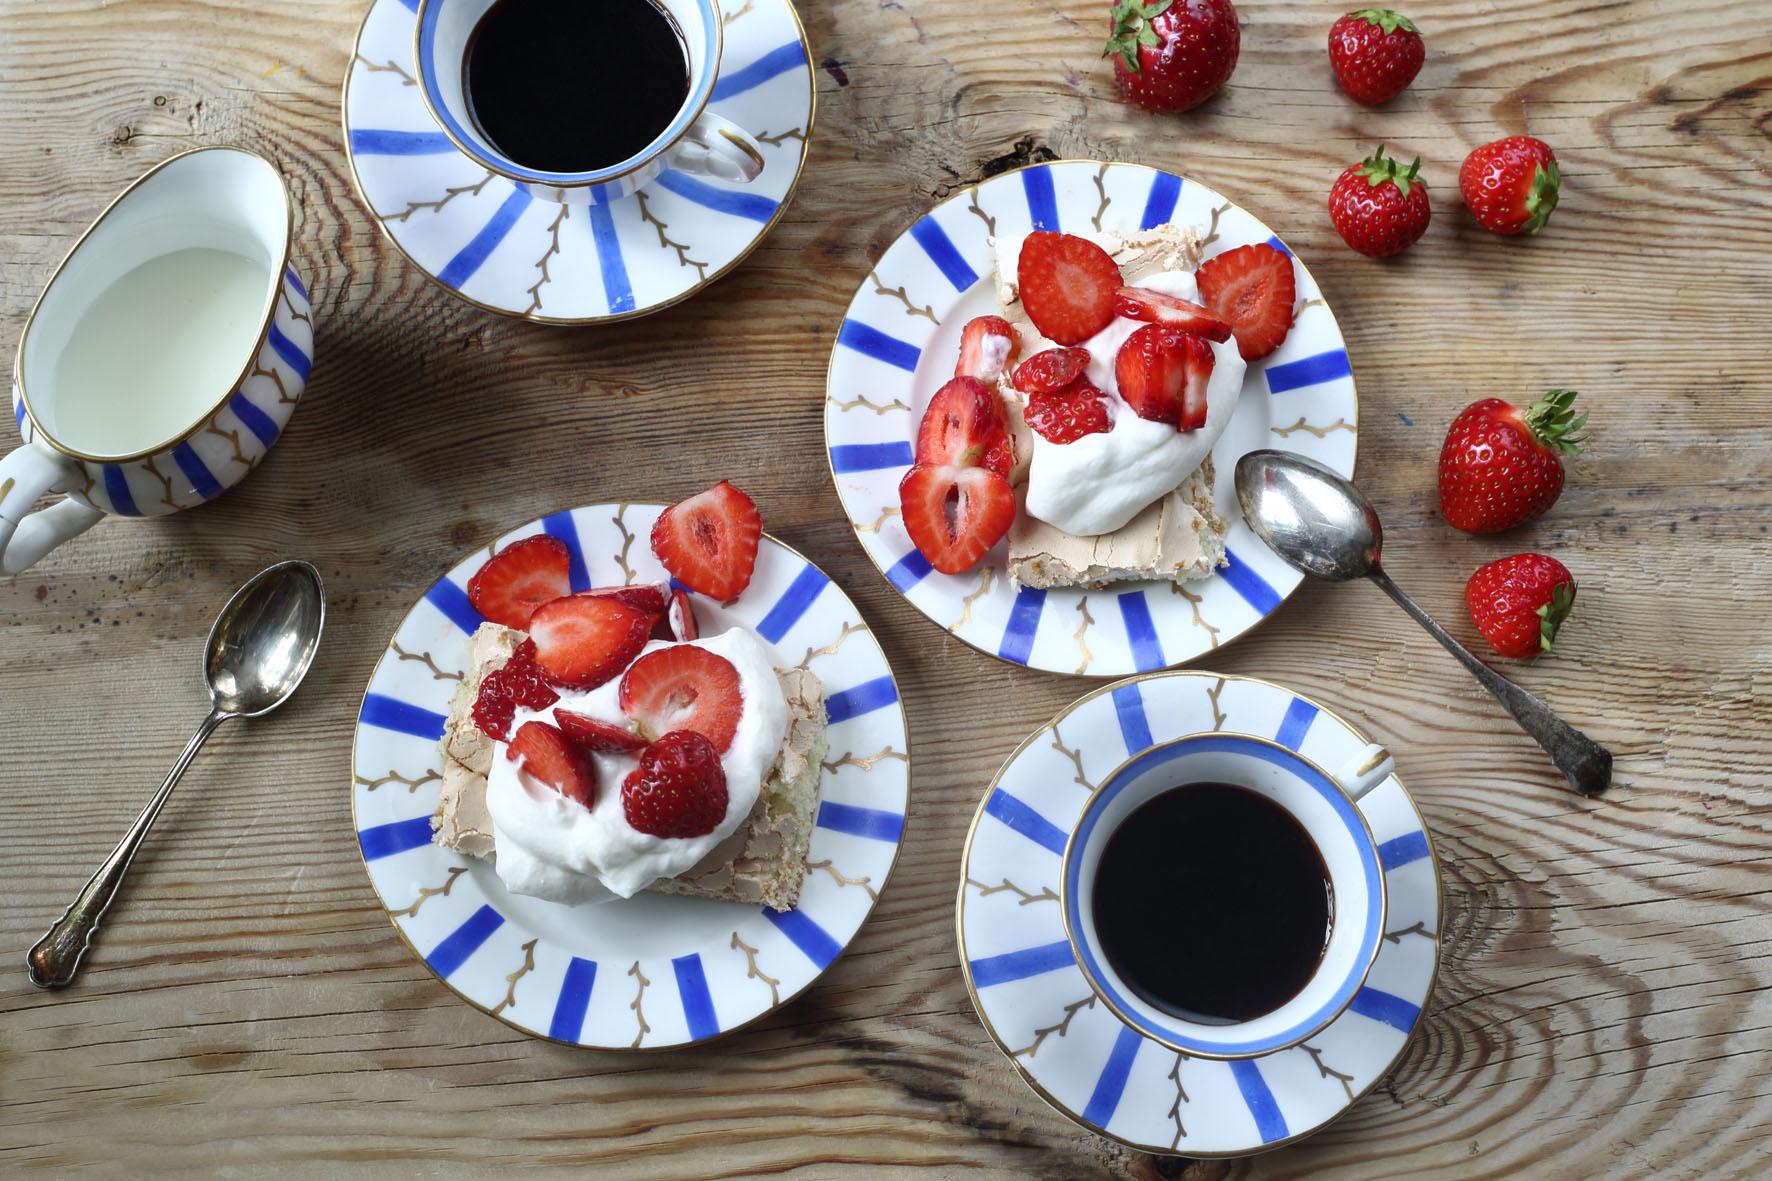 jordgubbar och grädde